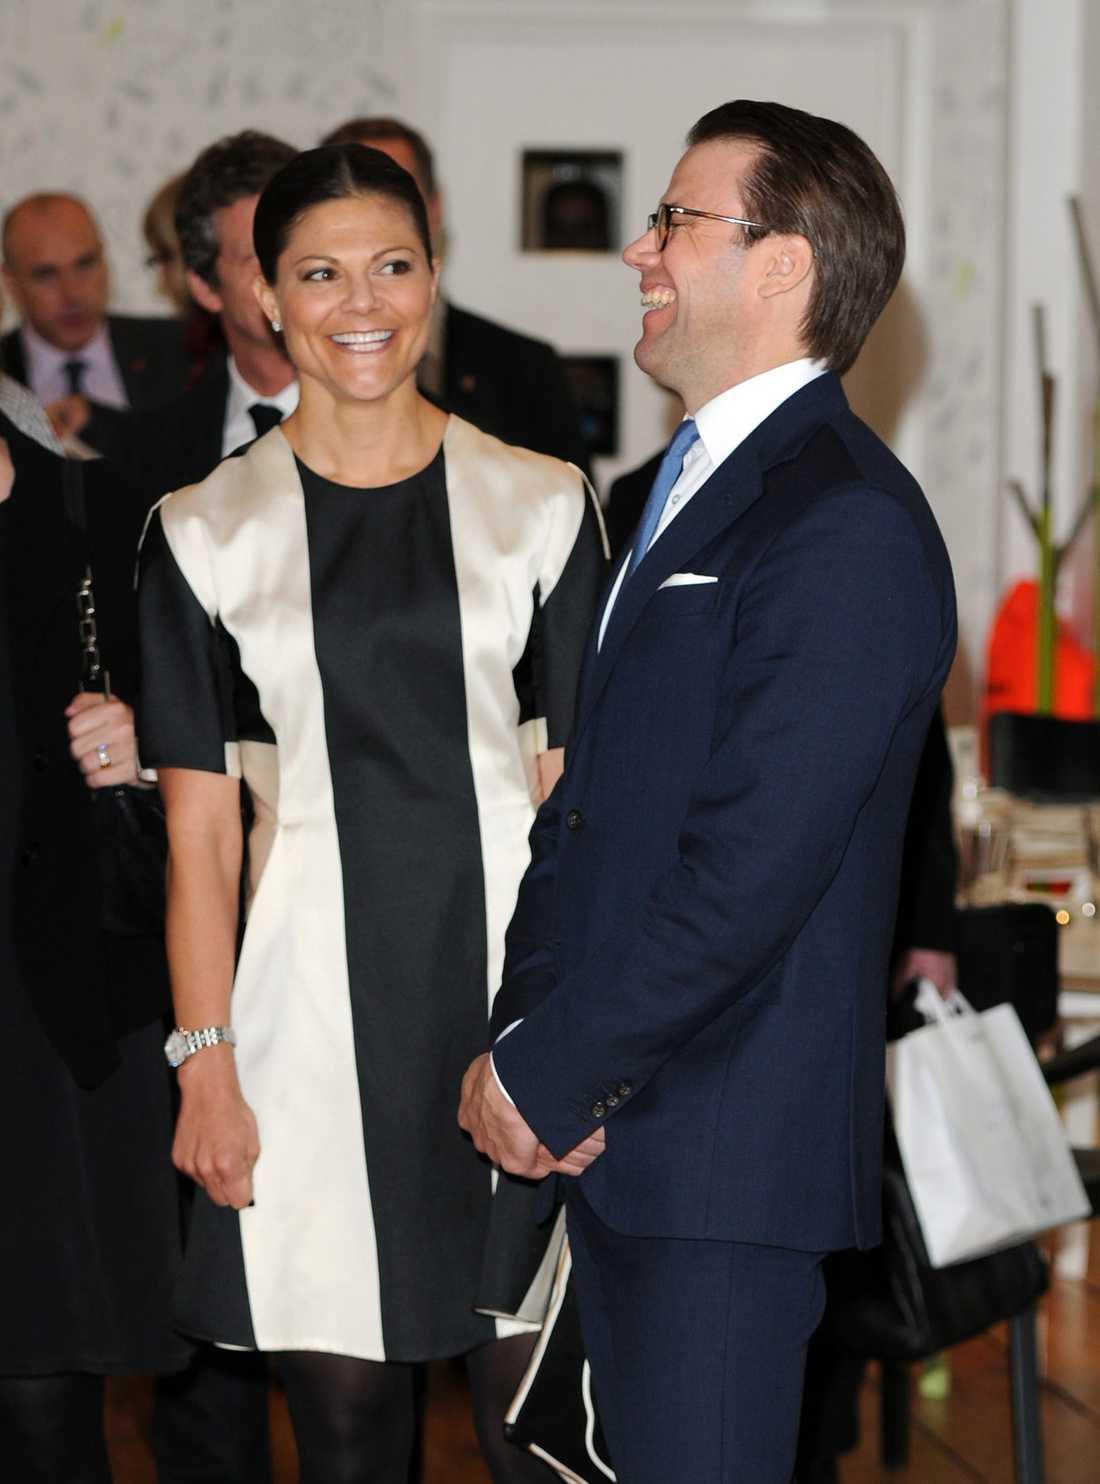 Festprissar Victoria och Daniel sågs ta sig en svängom på Avicii på Tele2 Arena.